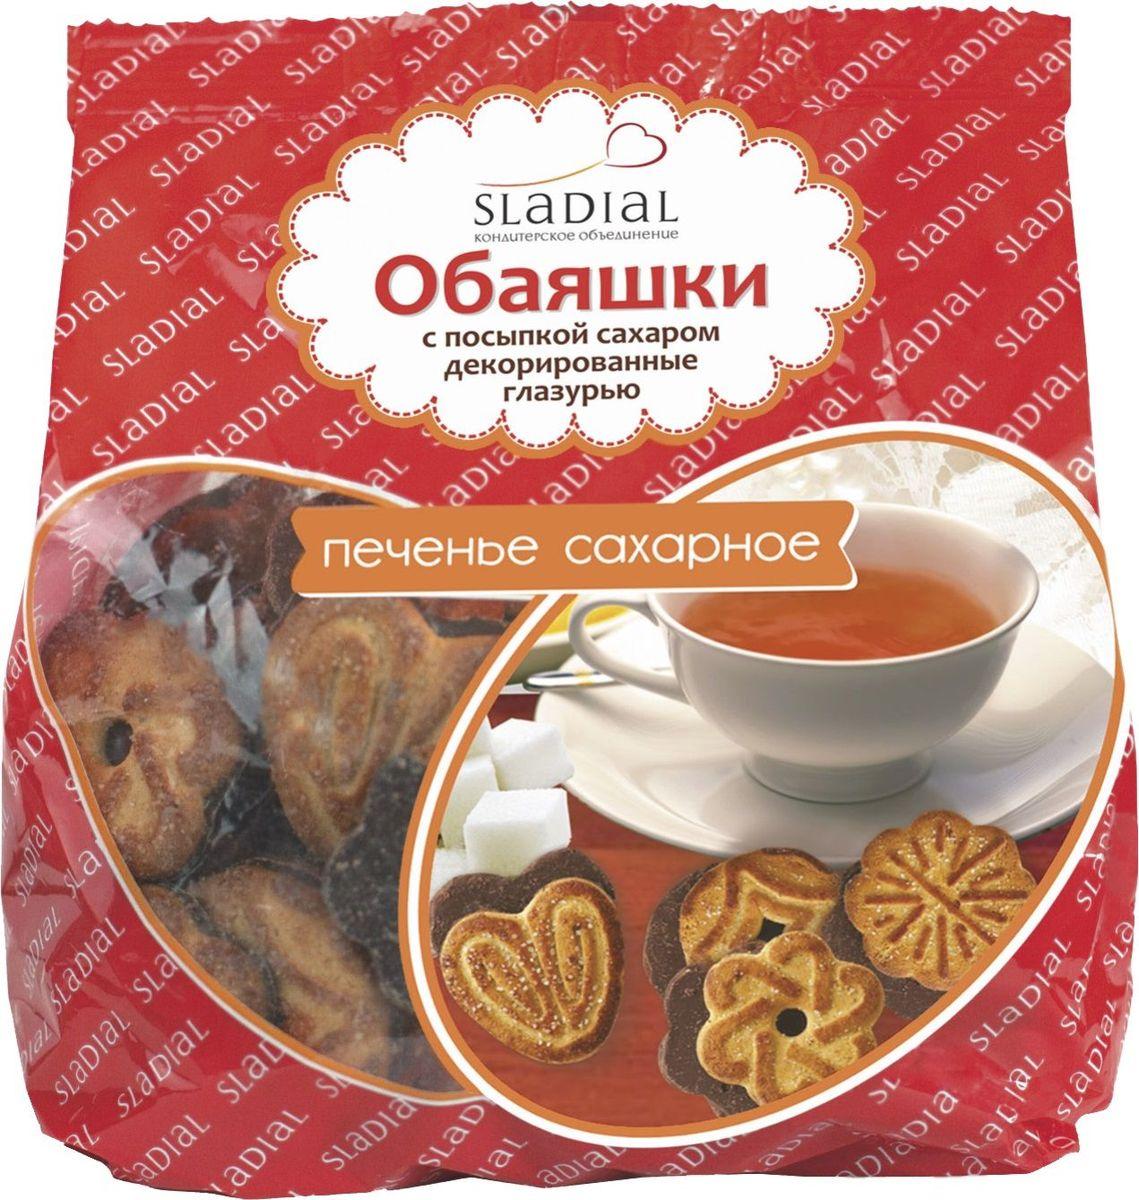 Sladial печенье обаяшки с посыпкой сахаром декорированные глазурью, 375 г4640013456423Миниатюрное посыпанное маком печенье с глазированным дном.